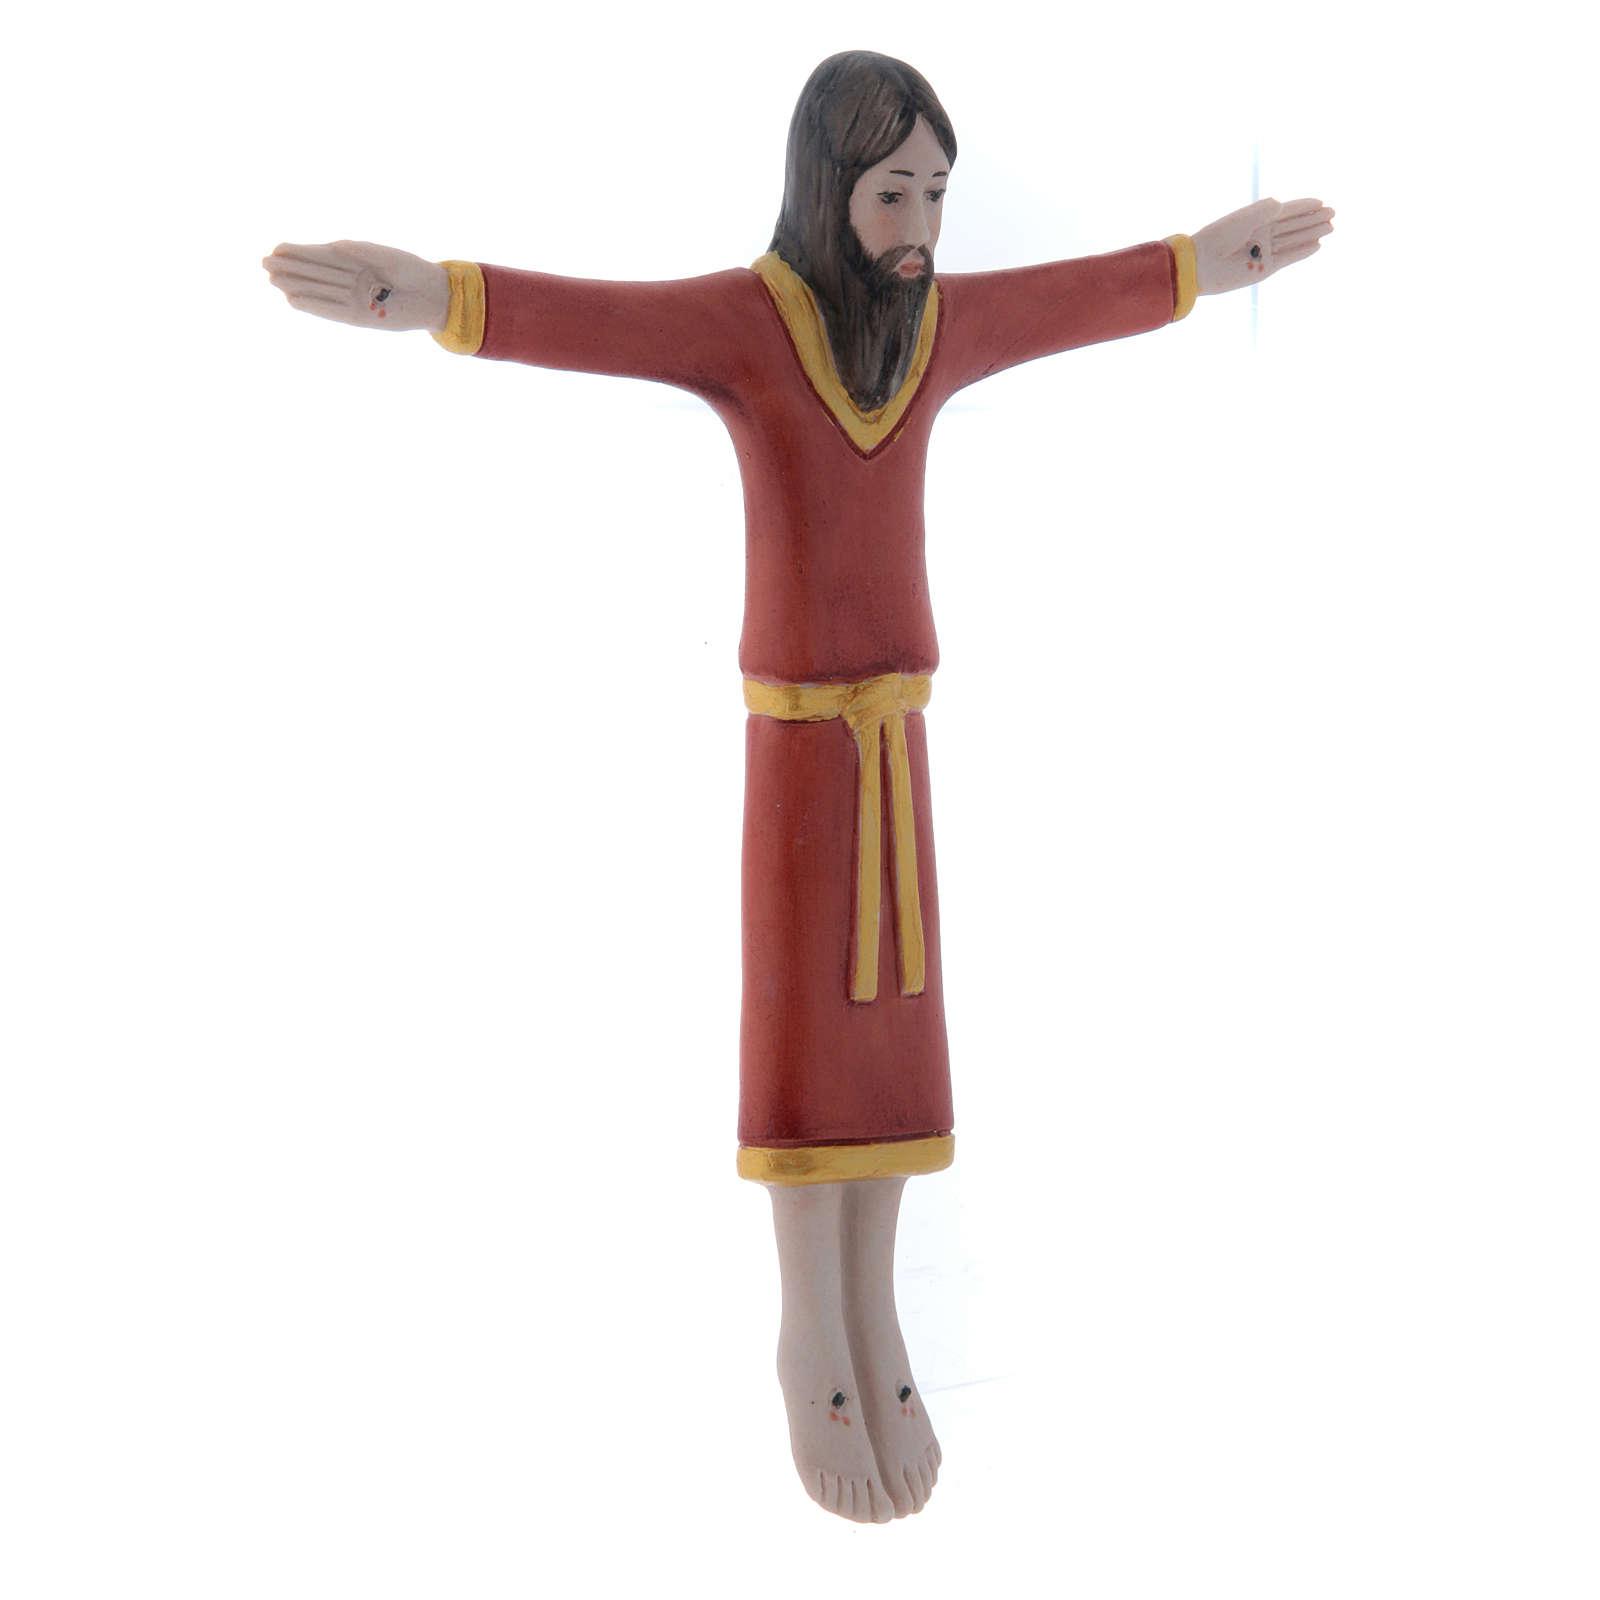 Bassorilievo Pinton in porcellana crocifisso tunicato rosso 17X15 cm Pinton 4